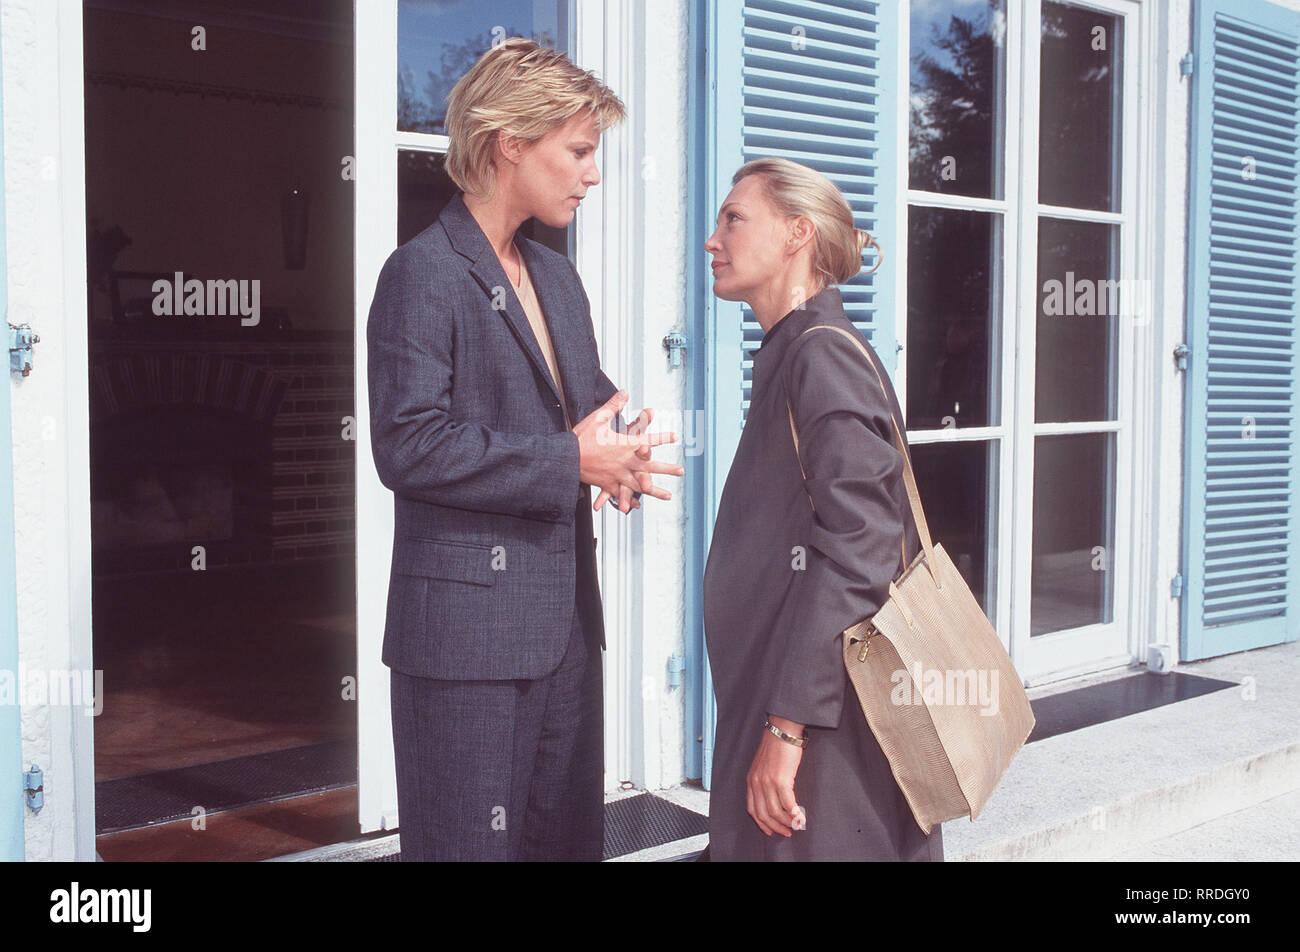 DIE BEISCHLAFDIEBIN- Petra (CONSTANZE ENGELBRECHT) hat ihre Koffer gepackt und ist dabei, Fransziska (NELE MUELLER-STÖFEN) wieder zu verlassen, doch ihre Schwester möchte sie zurückhalten ... Regie: Christian Petzold / Überschrift: DIE BEISCHLAFDIEBIN / BRD 1997 Stock Photo